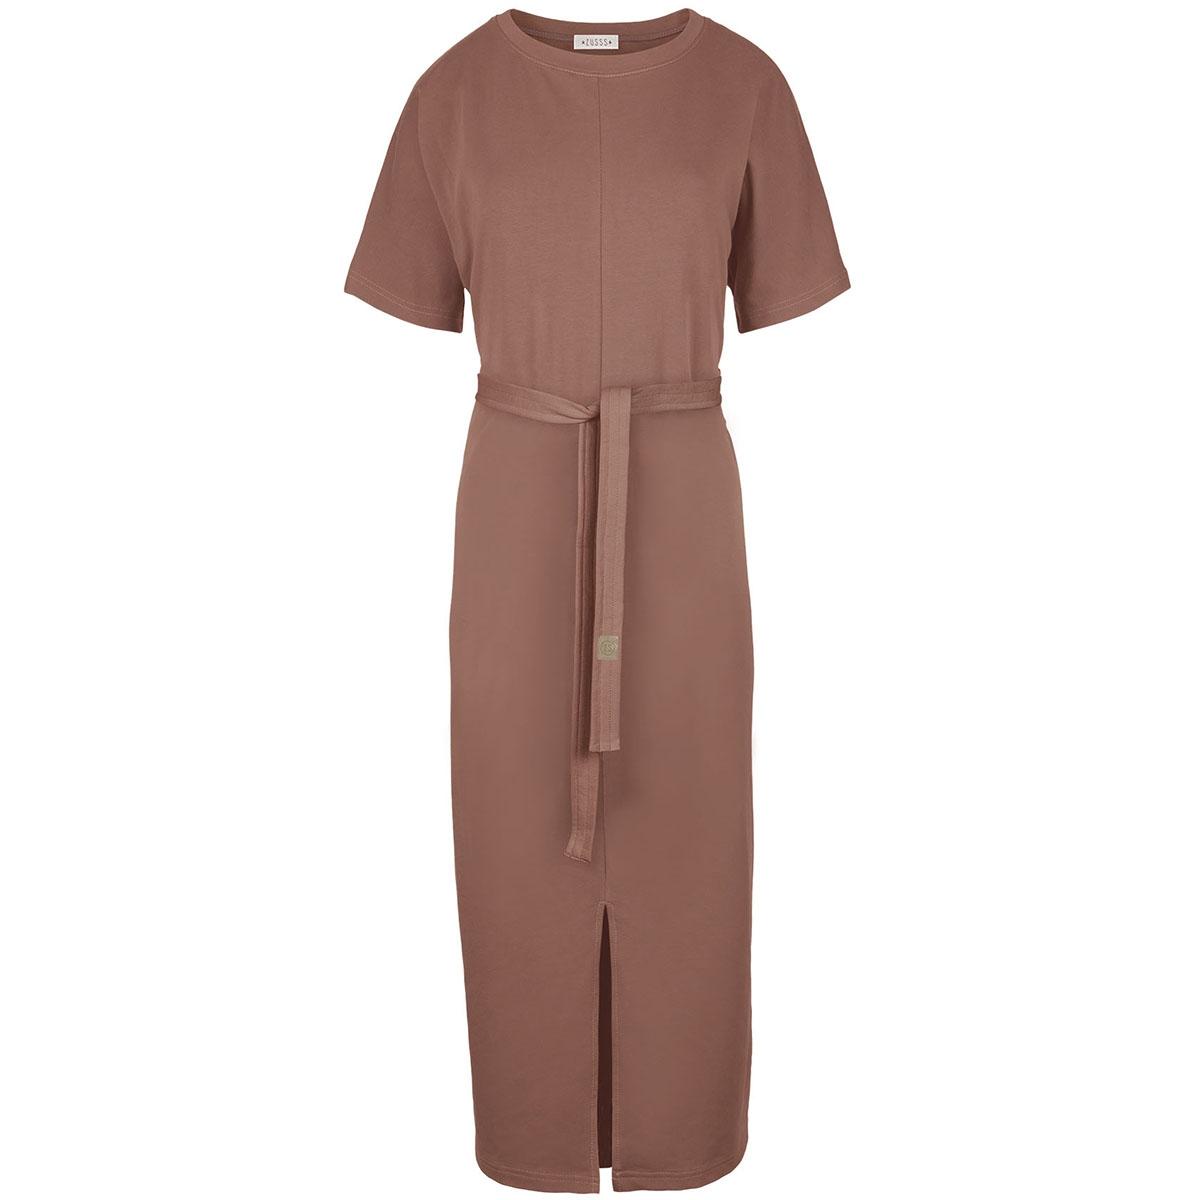 03lj19v hippe lange jurk zusss jurk dbr brique